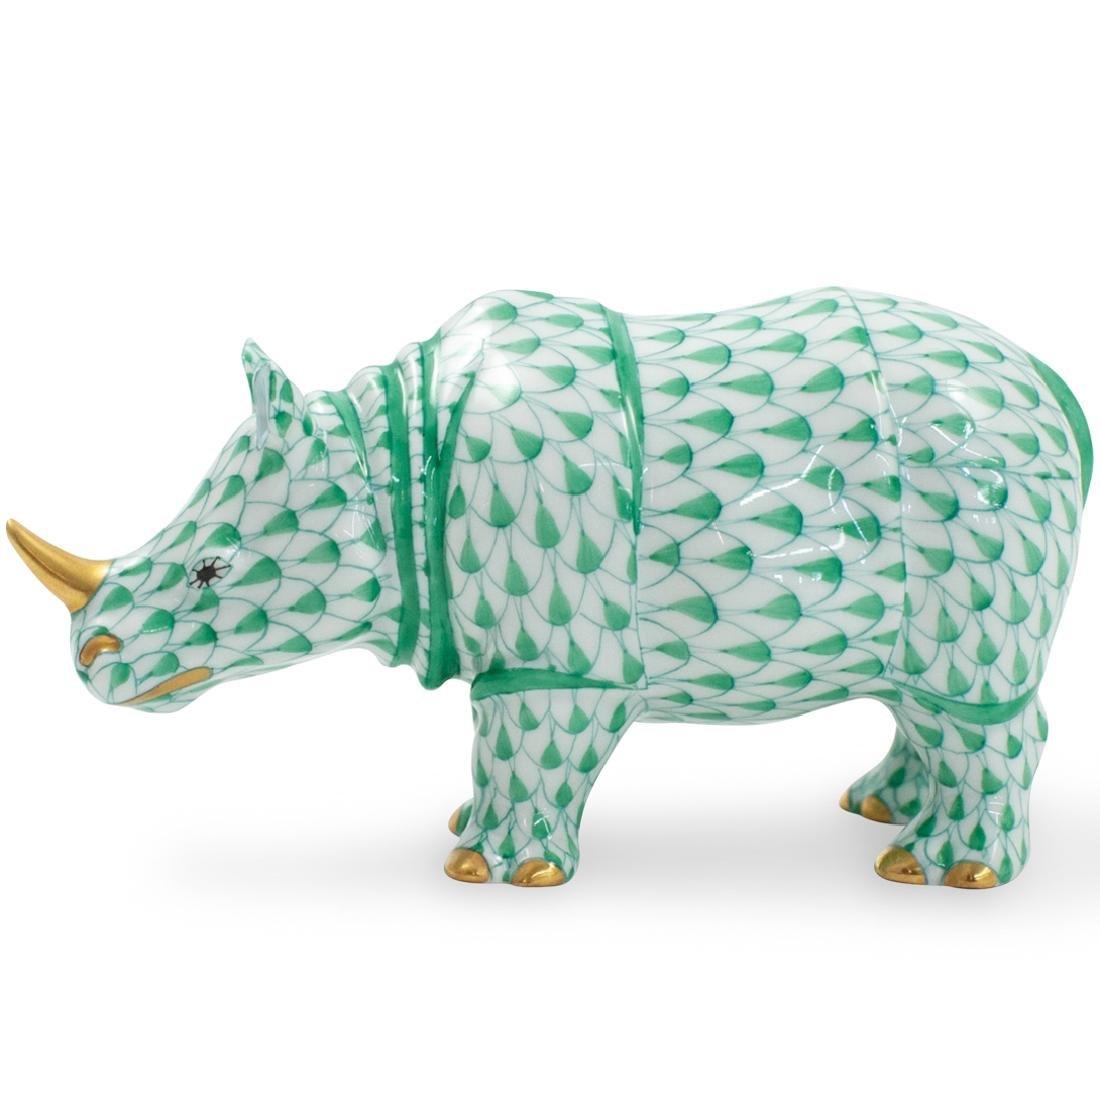 Herend Porcelain Fishnet Rhino